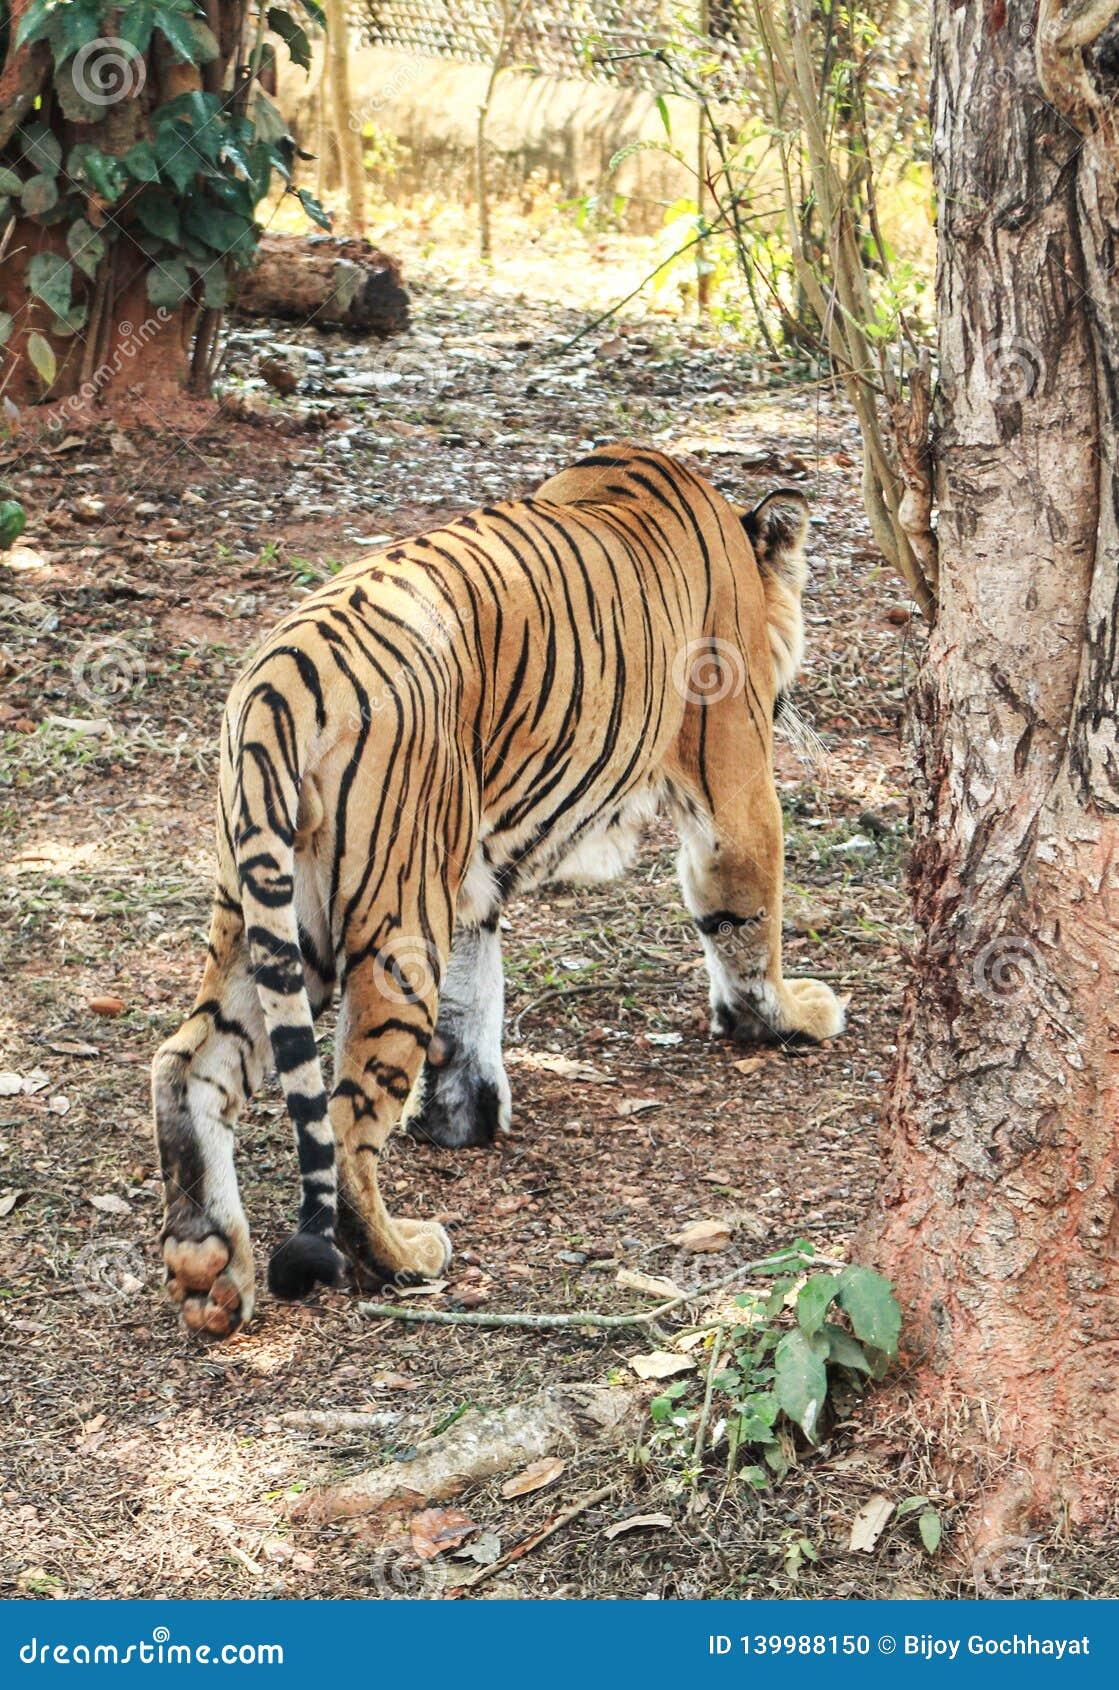 Lado trasero del tigre de la tigresa